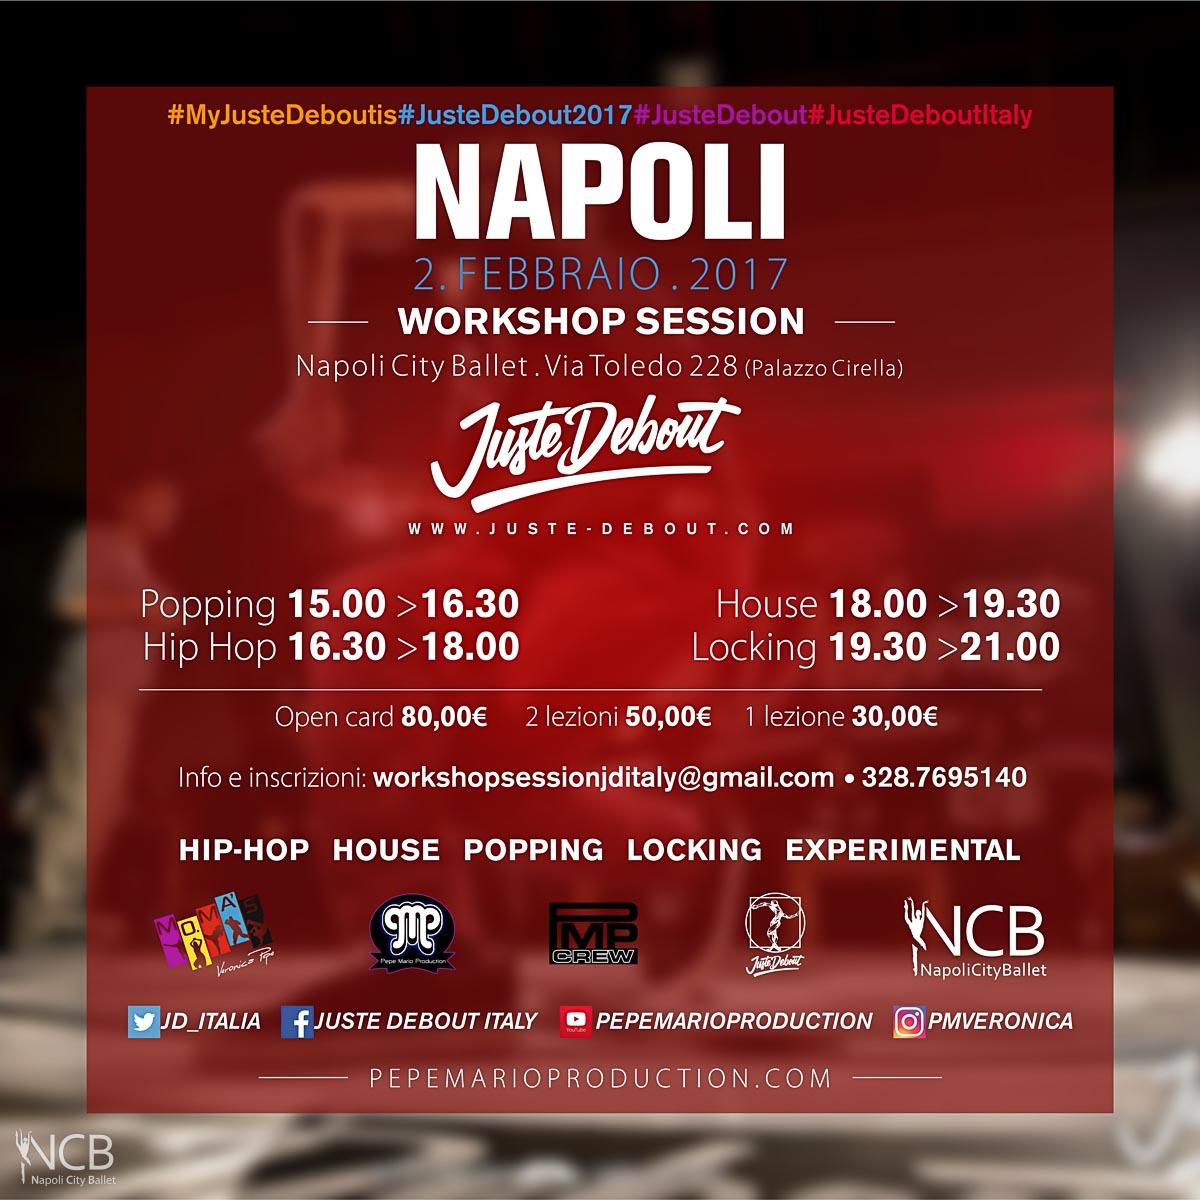 eventi-seminari - NCB-eventi-seminari-evento-workshop-internazionale-al-ncb-02.jpg